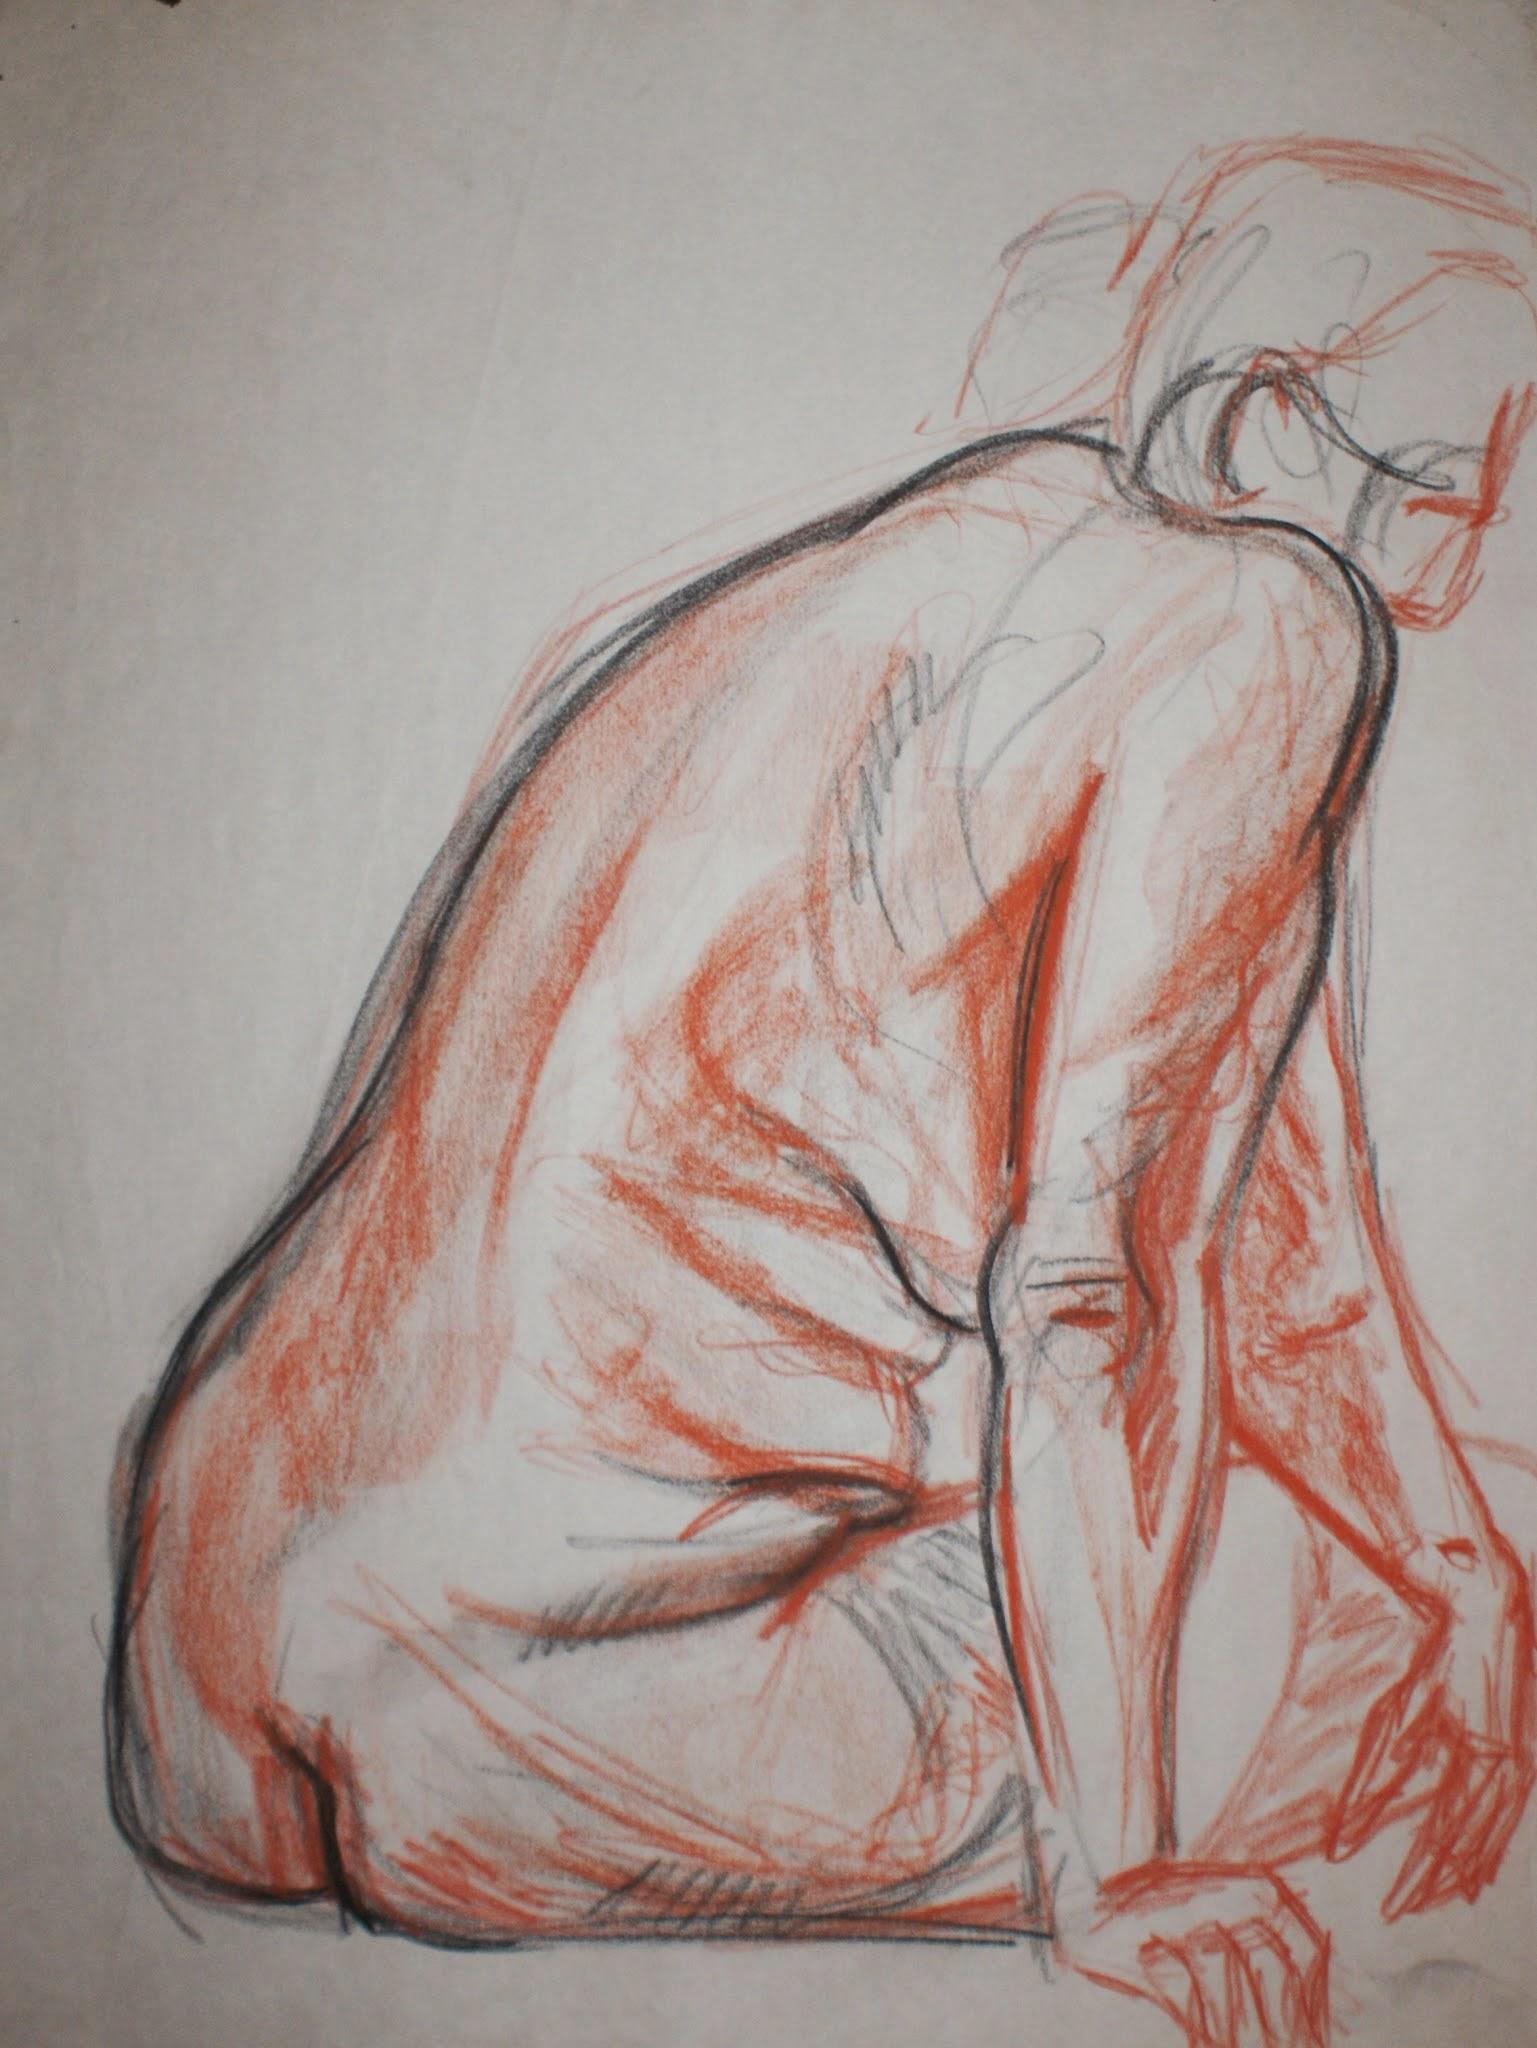 Figure Sketch , 2009 conté crayon on paper